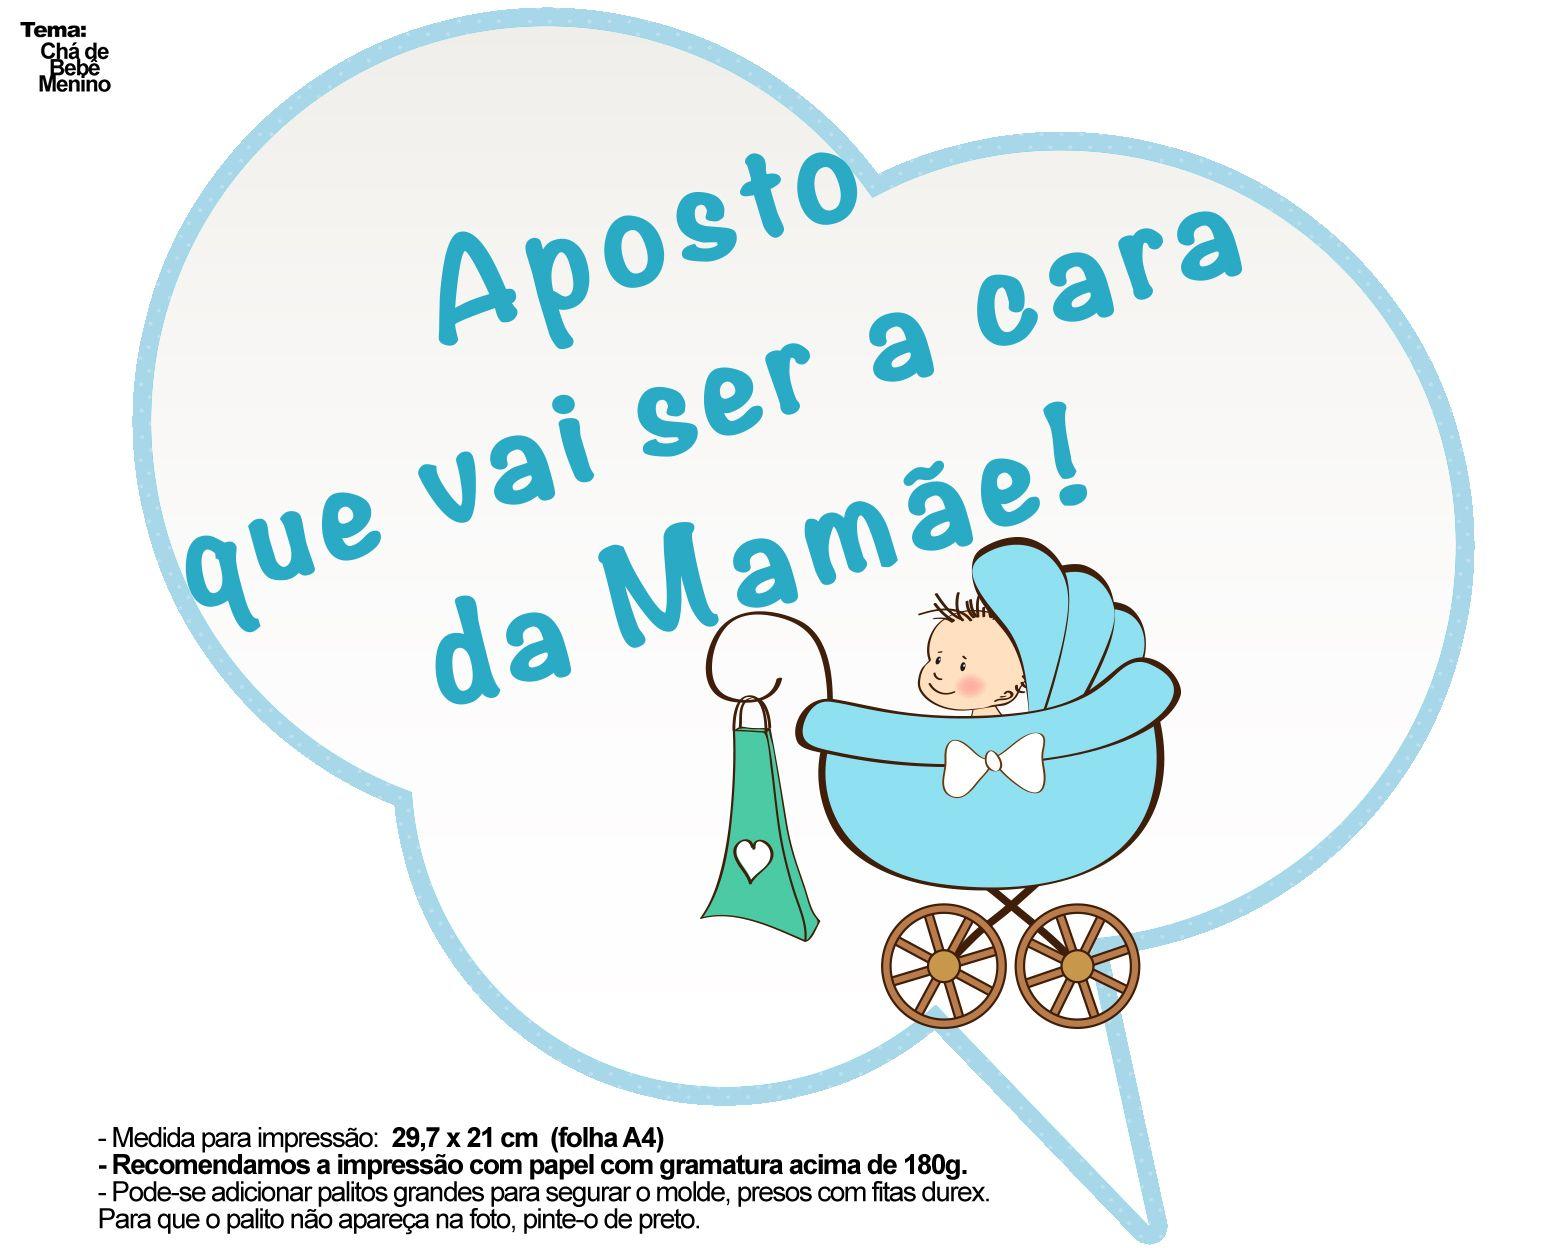 Populares Plaquinhas Divertidas Chá de Bebê Menino 7 | Chás de bebê menina  BX74